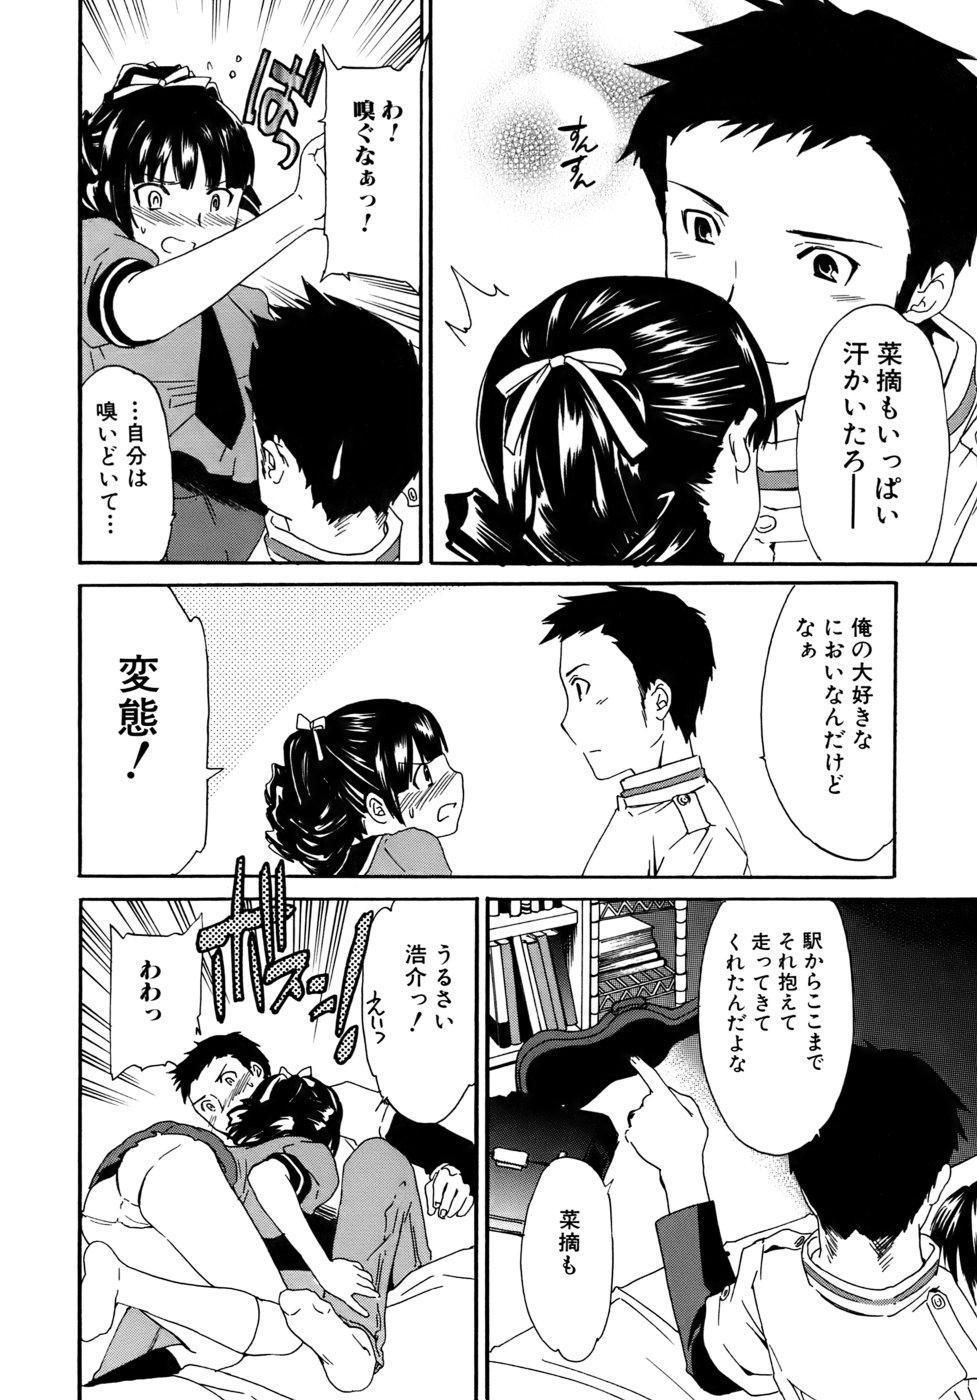 Kanojo no Bitai - Her Coquetry 26